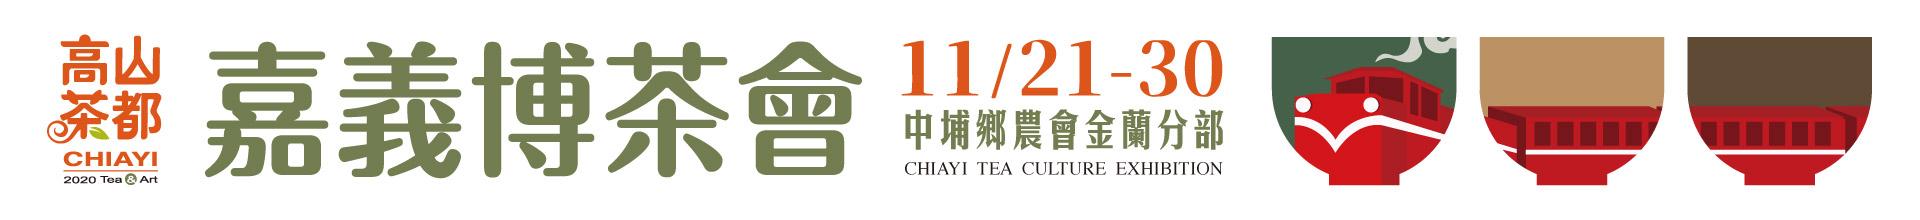 「高山茶都‧嘉義」2020博茶會